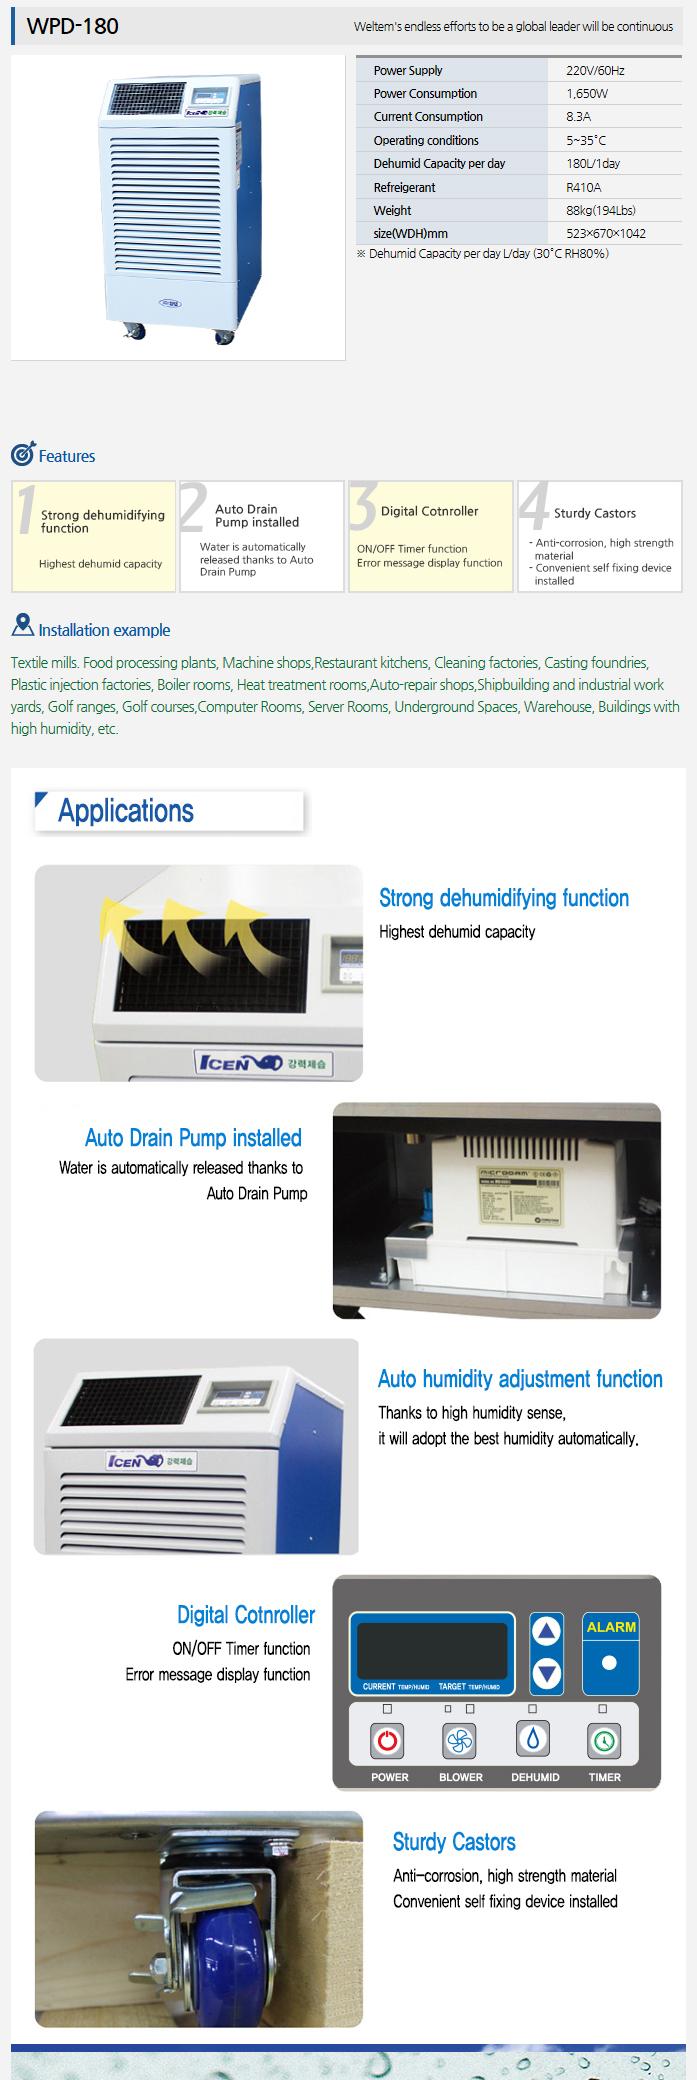 WELTEM Dehumidifier WPD-180